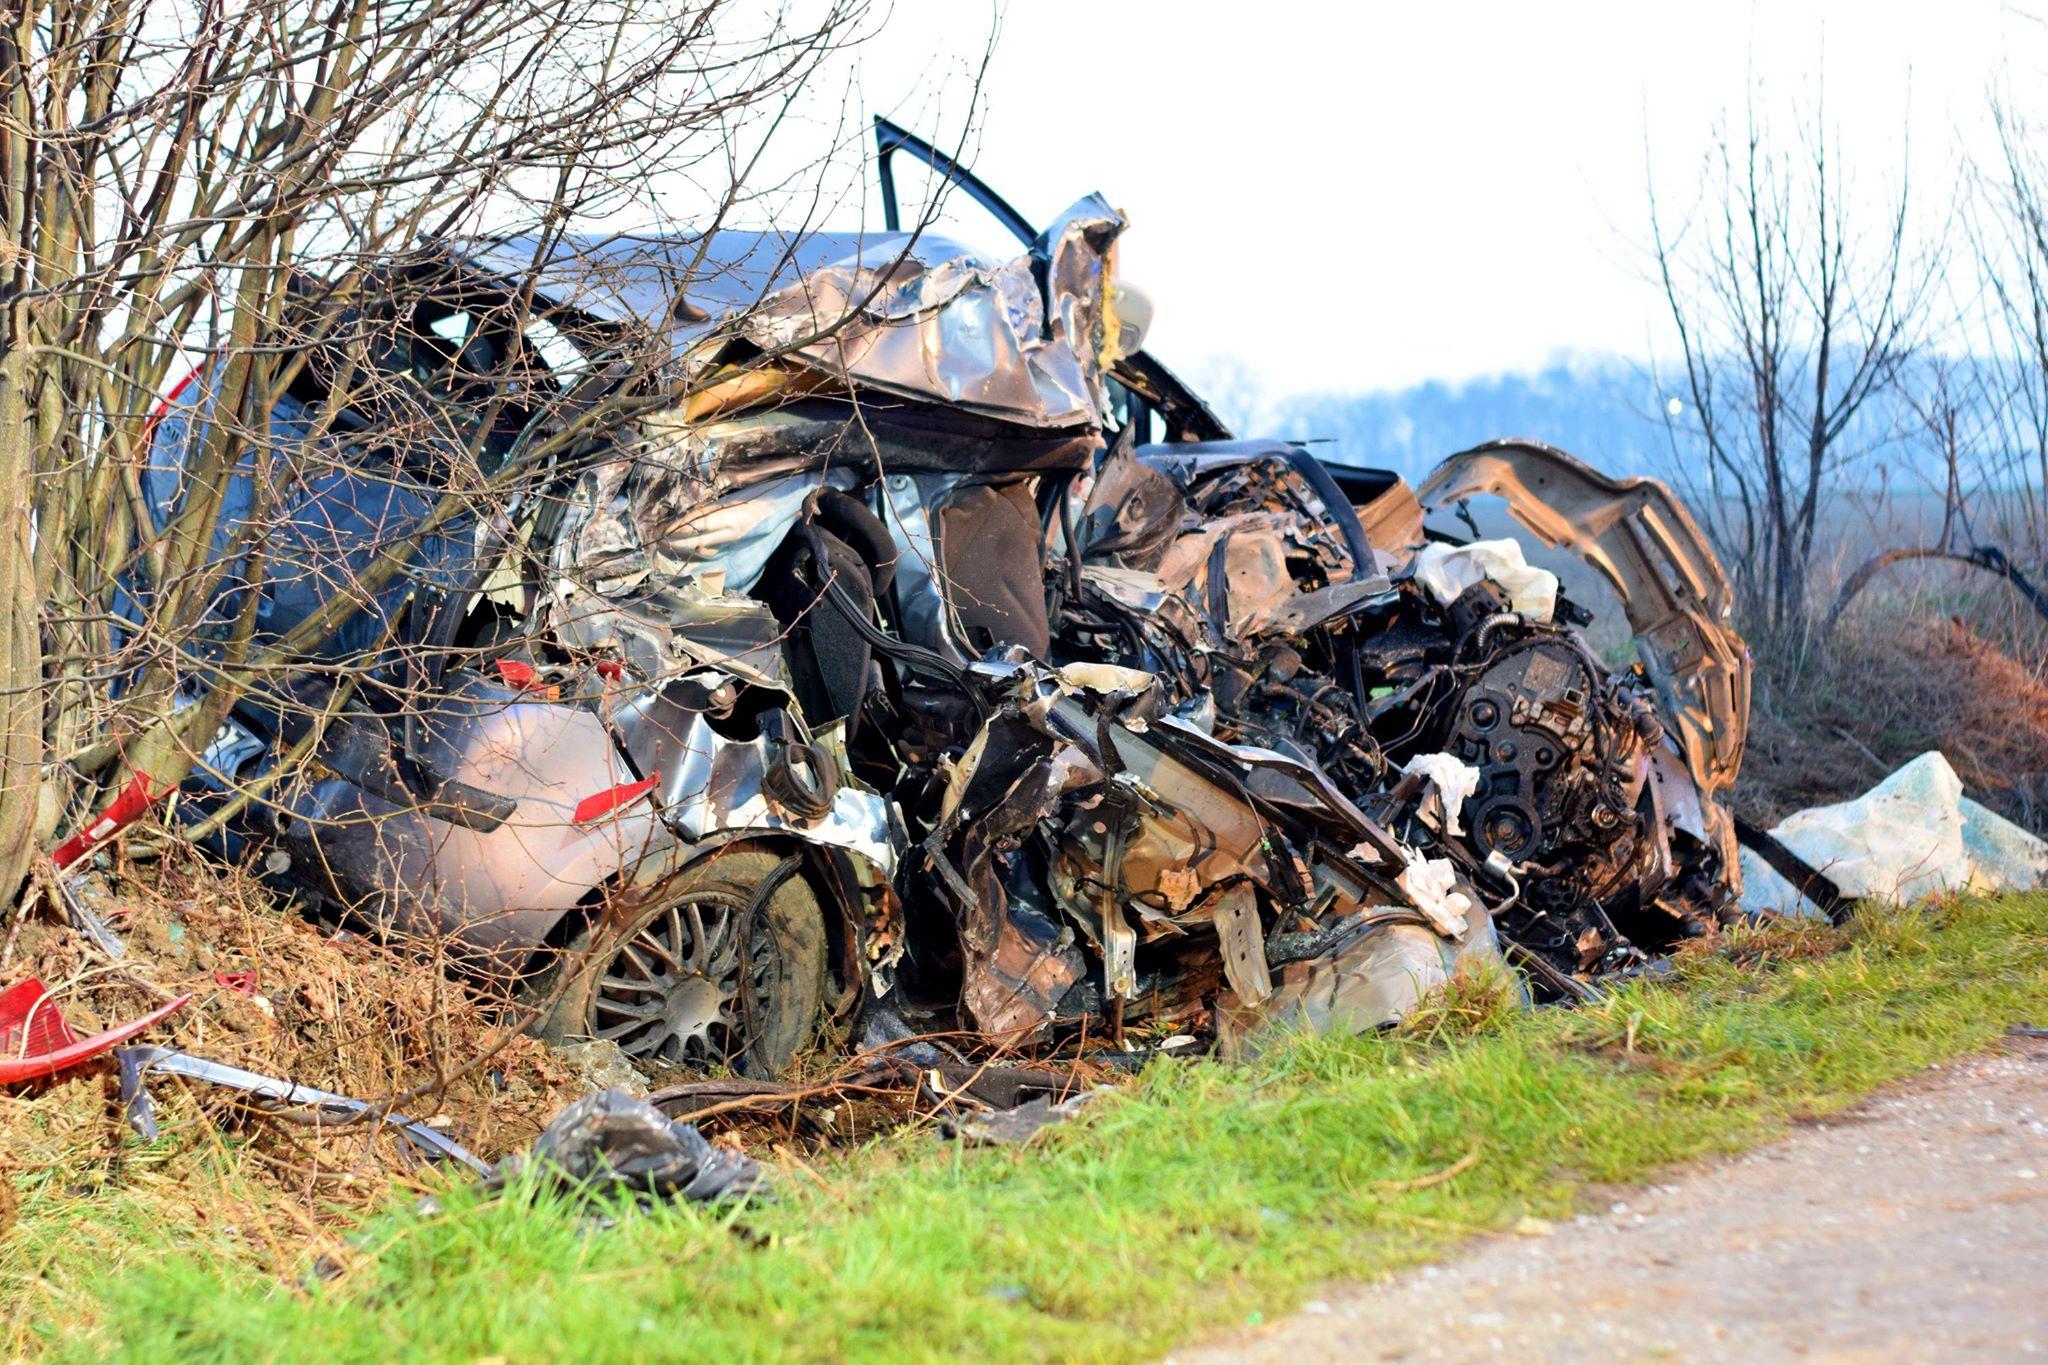 Śmiertelny wypadek na drodze Błociszewo-Donatowo